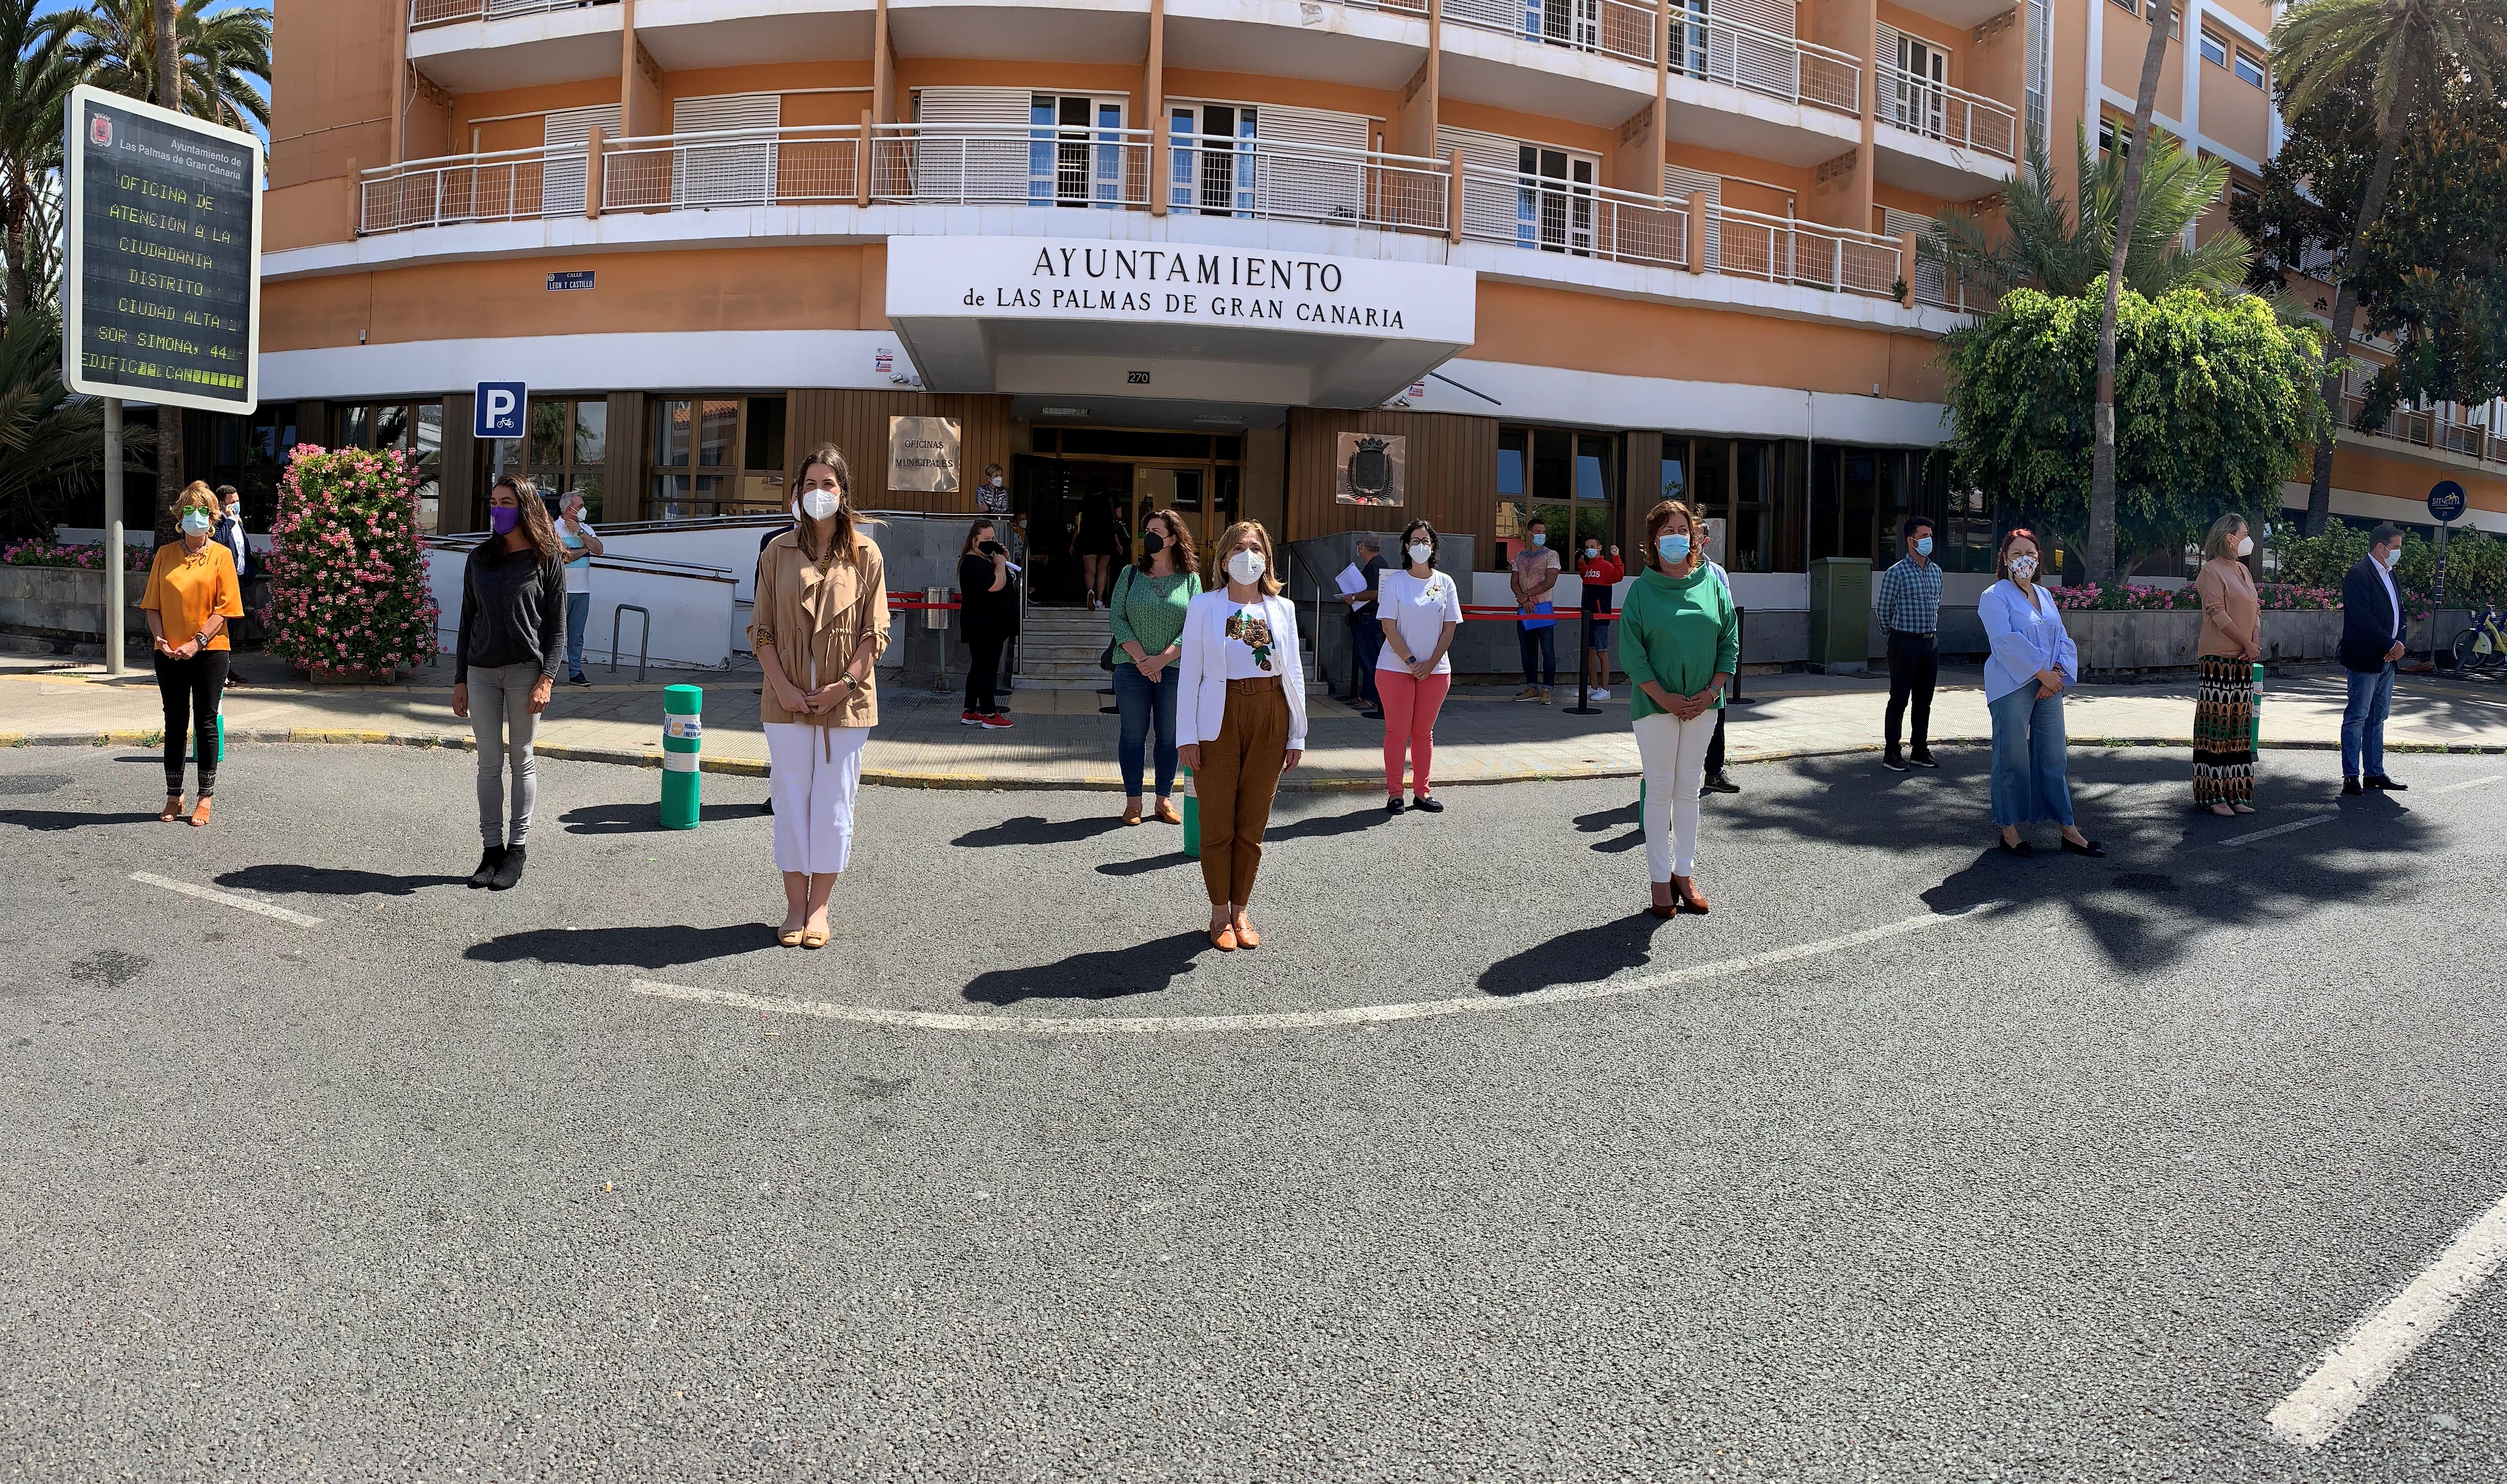 Minuto de silencio en el Ayuntamiento de Las Palmas de Gran Canaria (Gran Canaria)